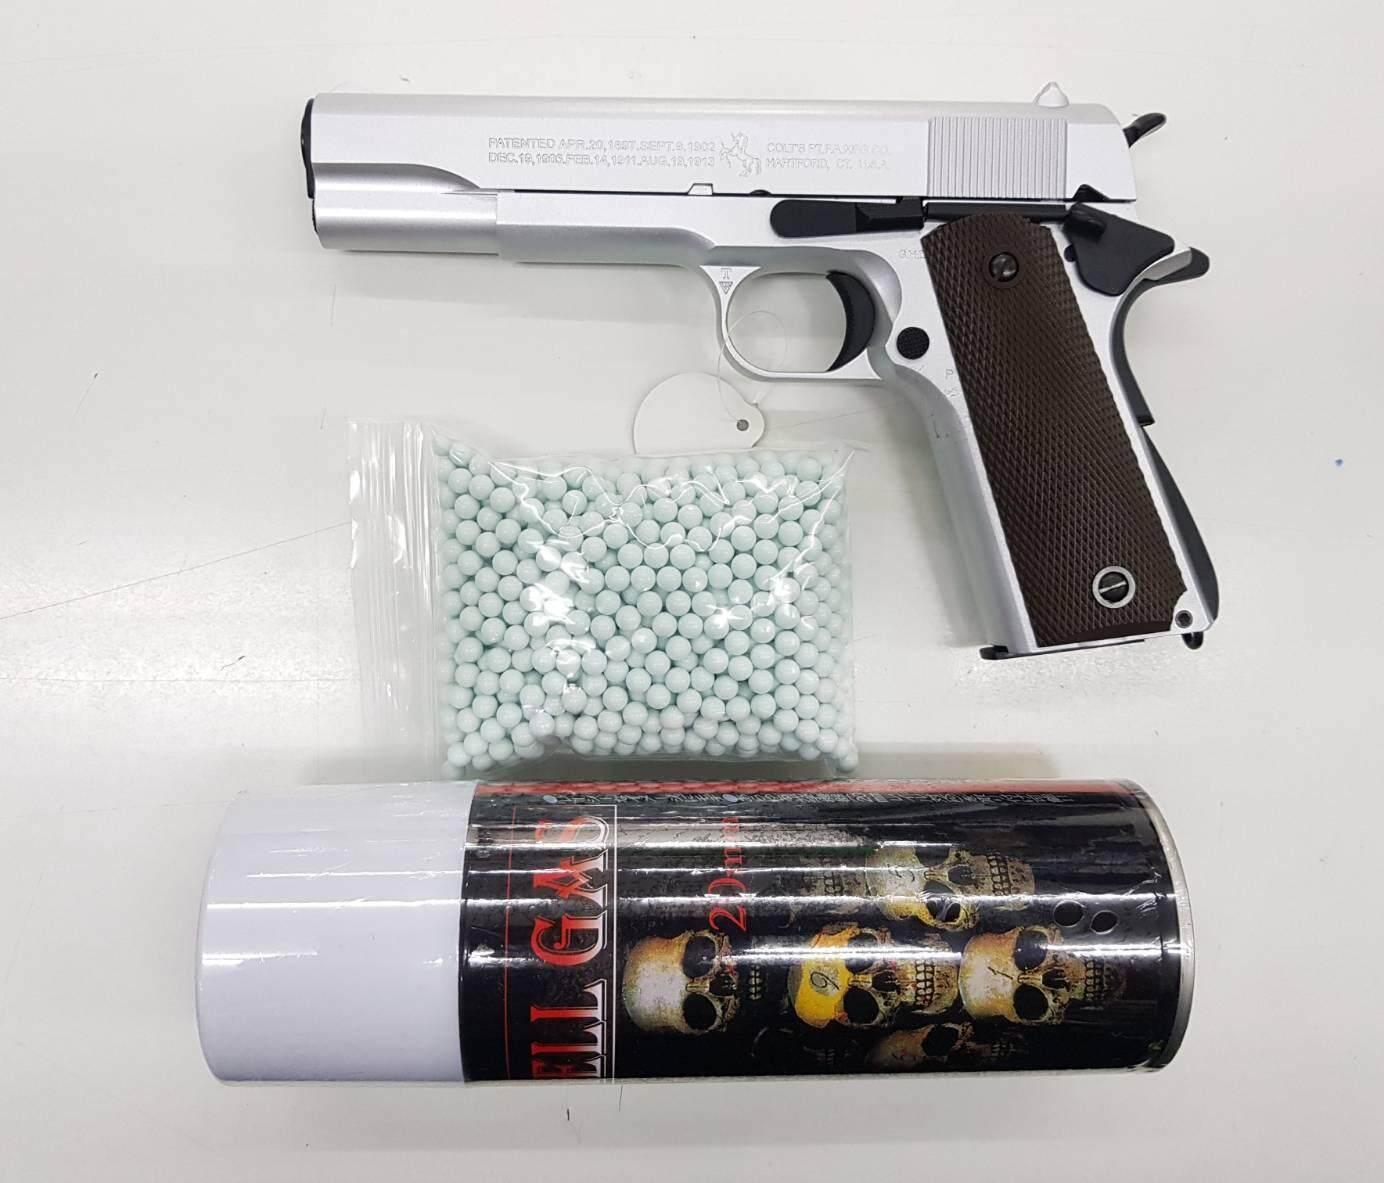 ปืนบีบีกัน Army_r31 Silver แถมแก๊ส 1 กระป๋อง + ลูกกระสุน 1000 นัด.